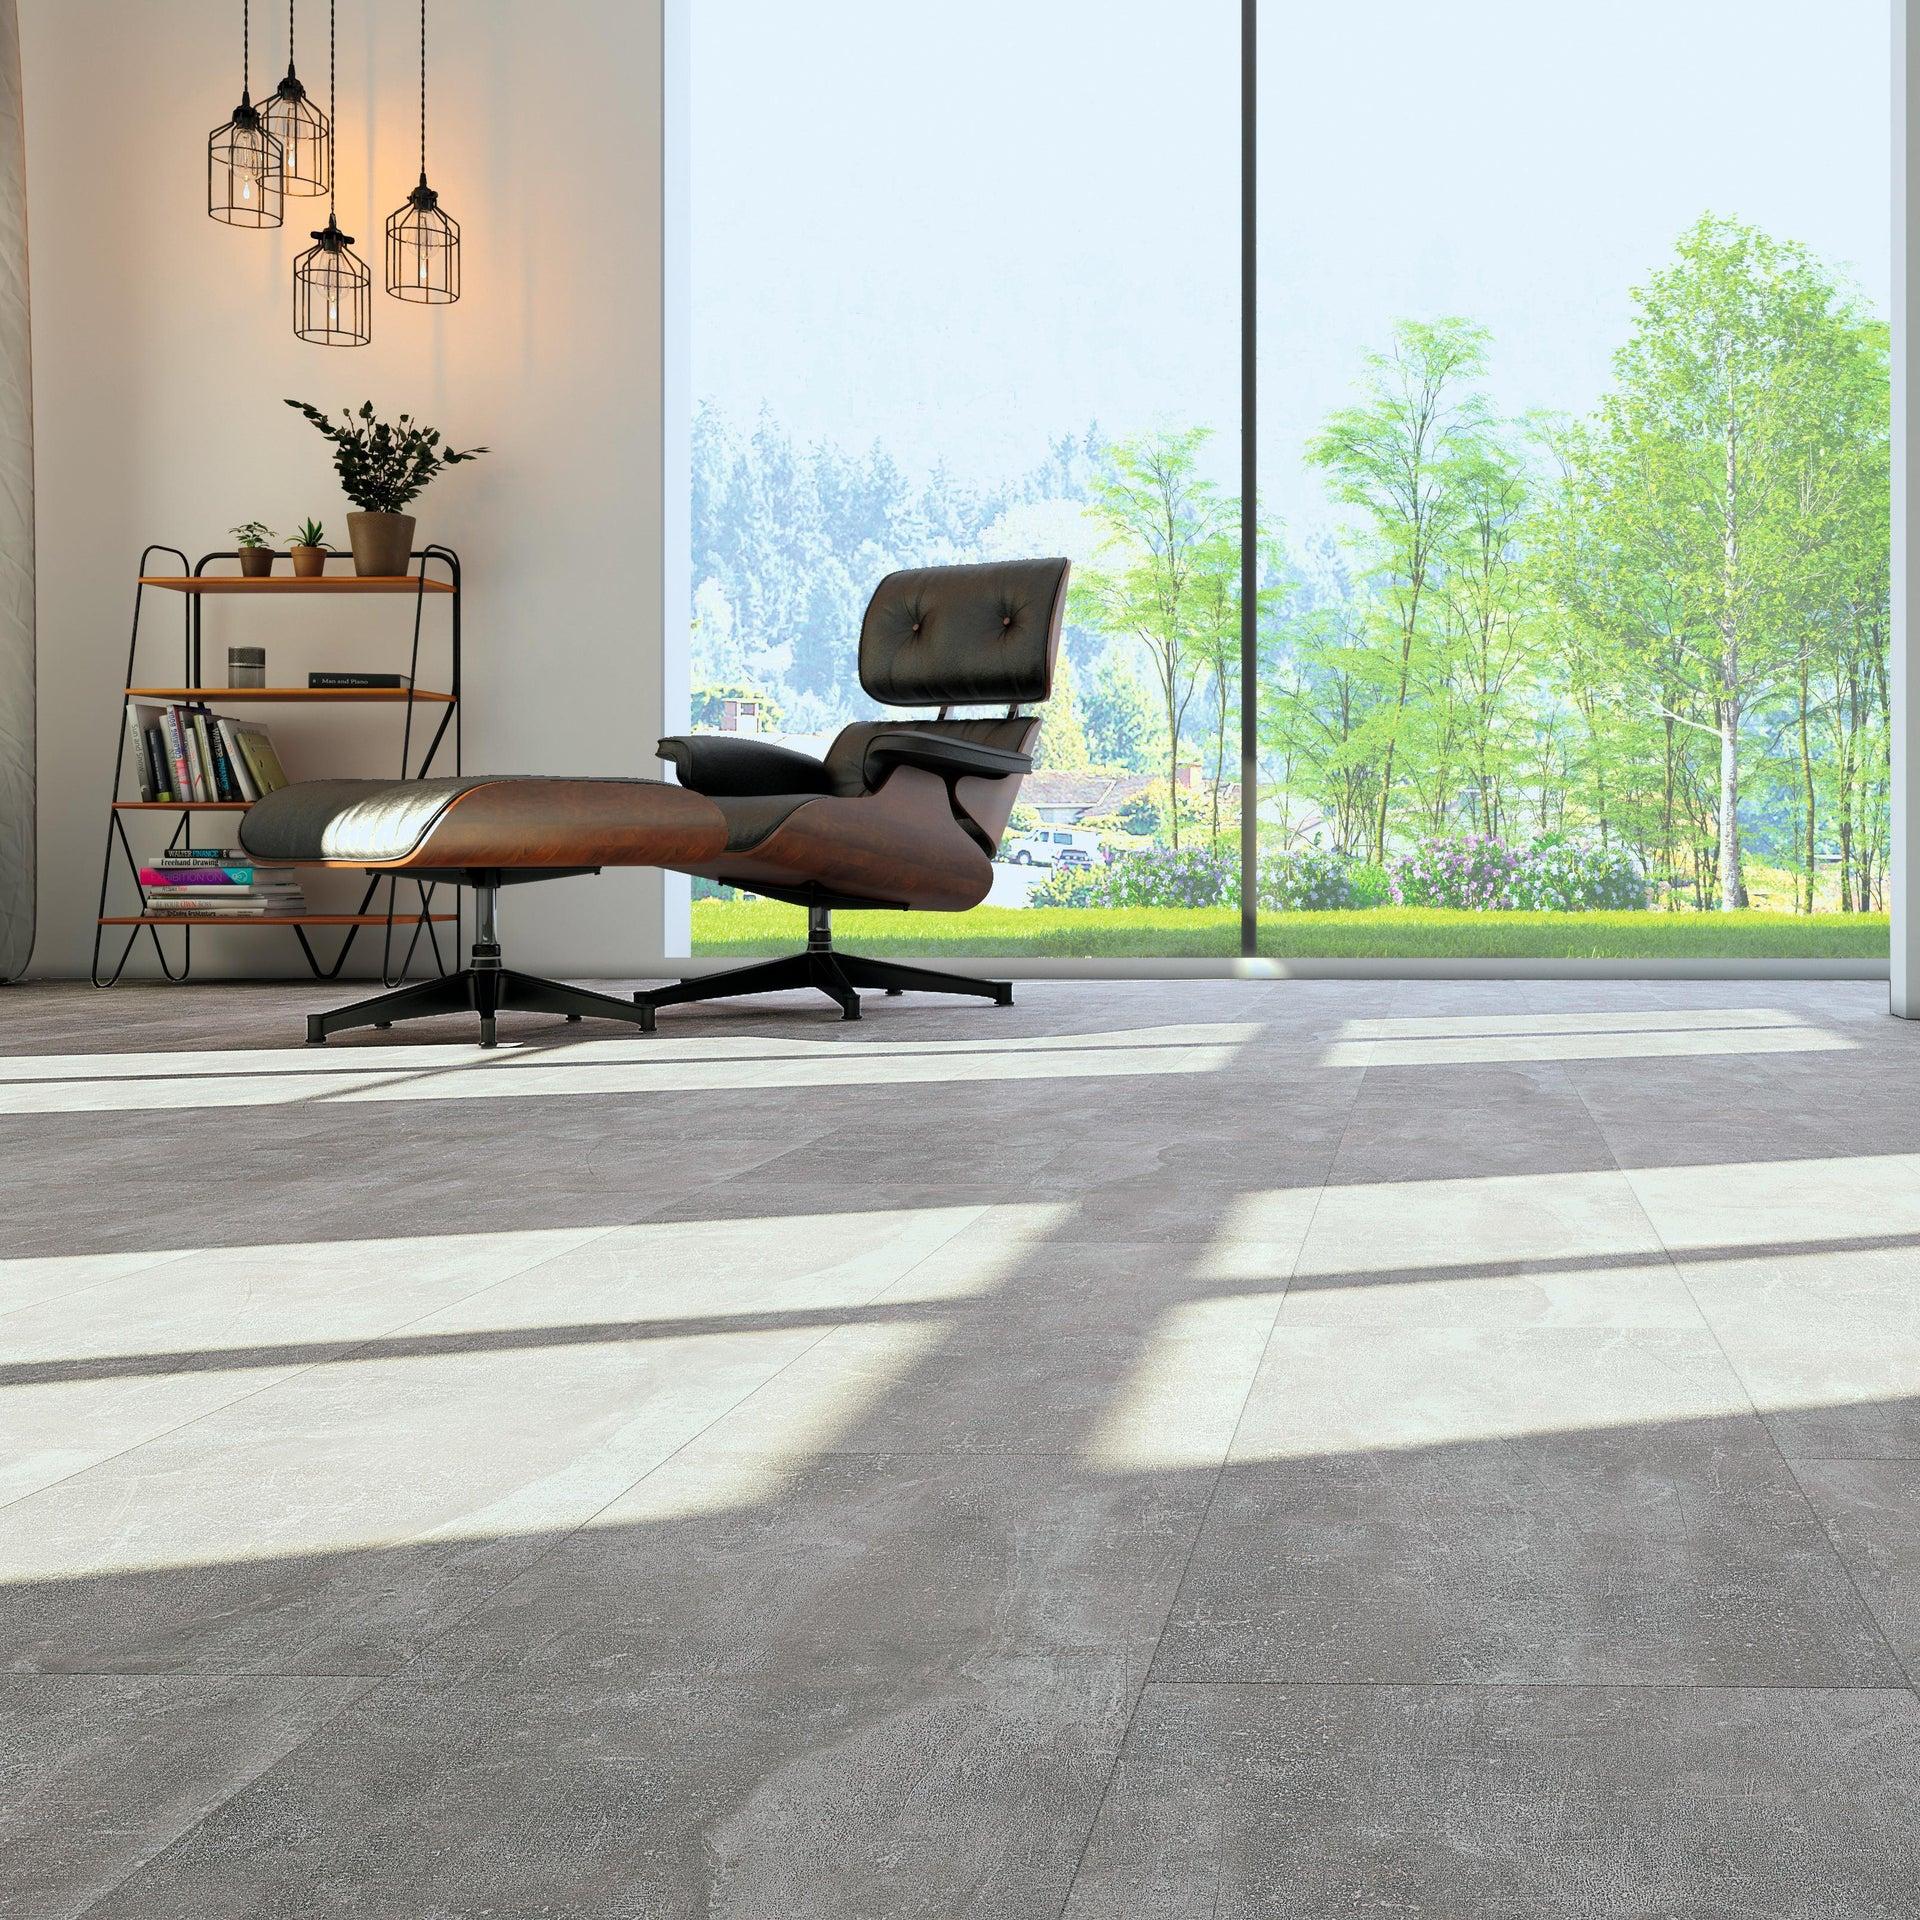 Pavimento SPC flottante clic+ Pietra Nova Industrial Sp 4.5 mm grigio / argento - 4